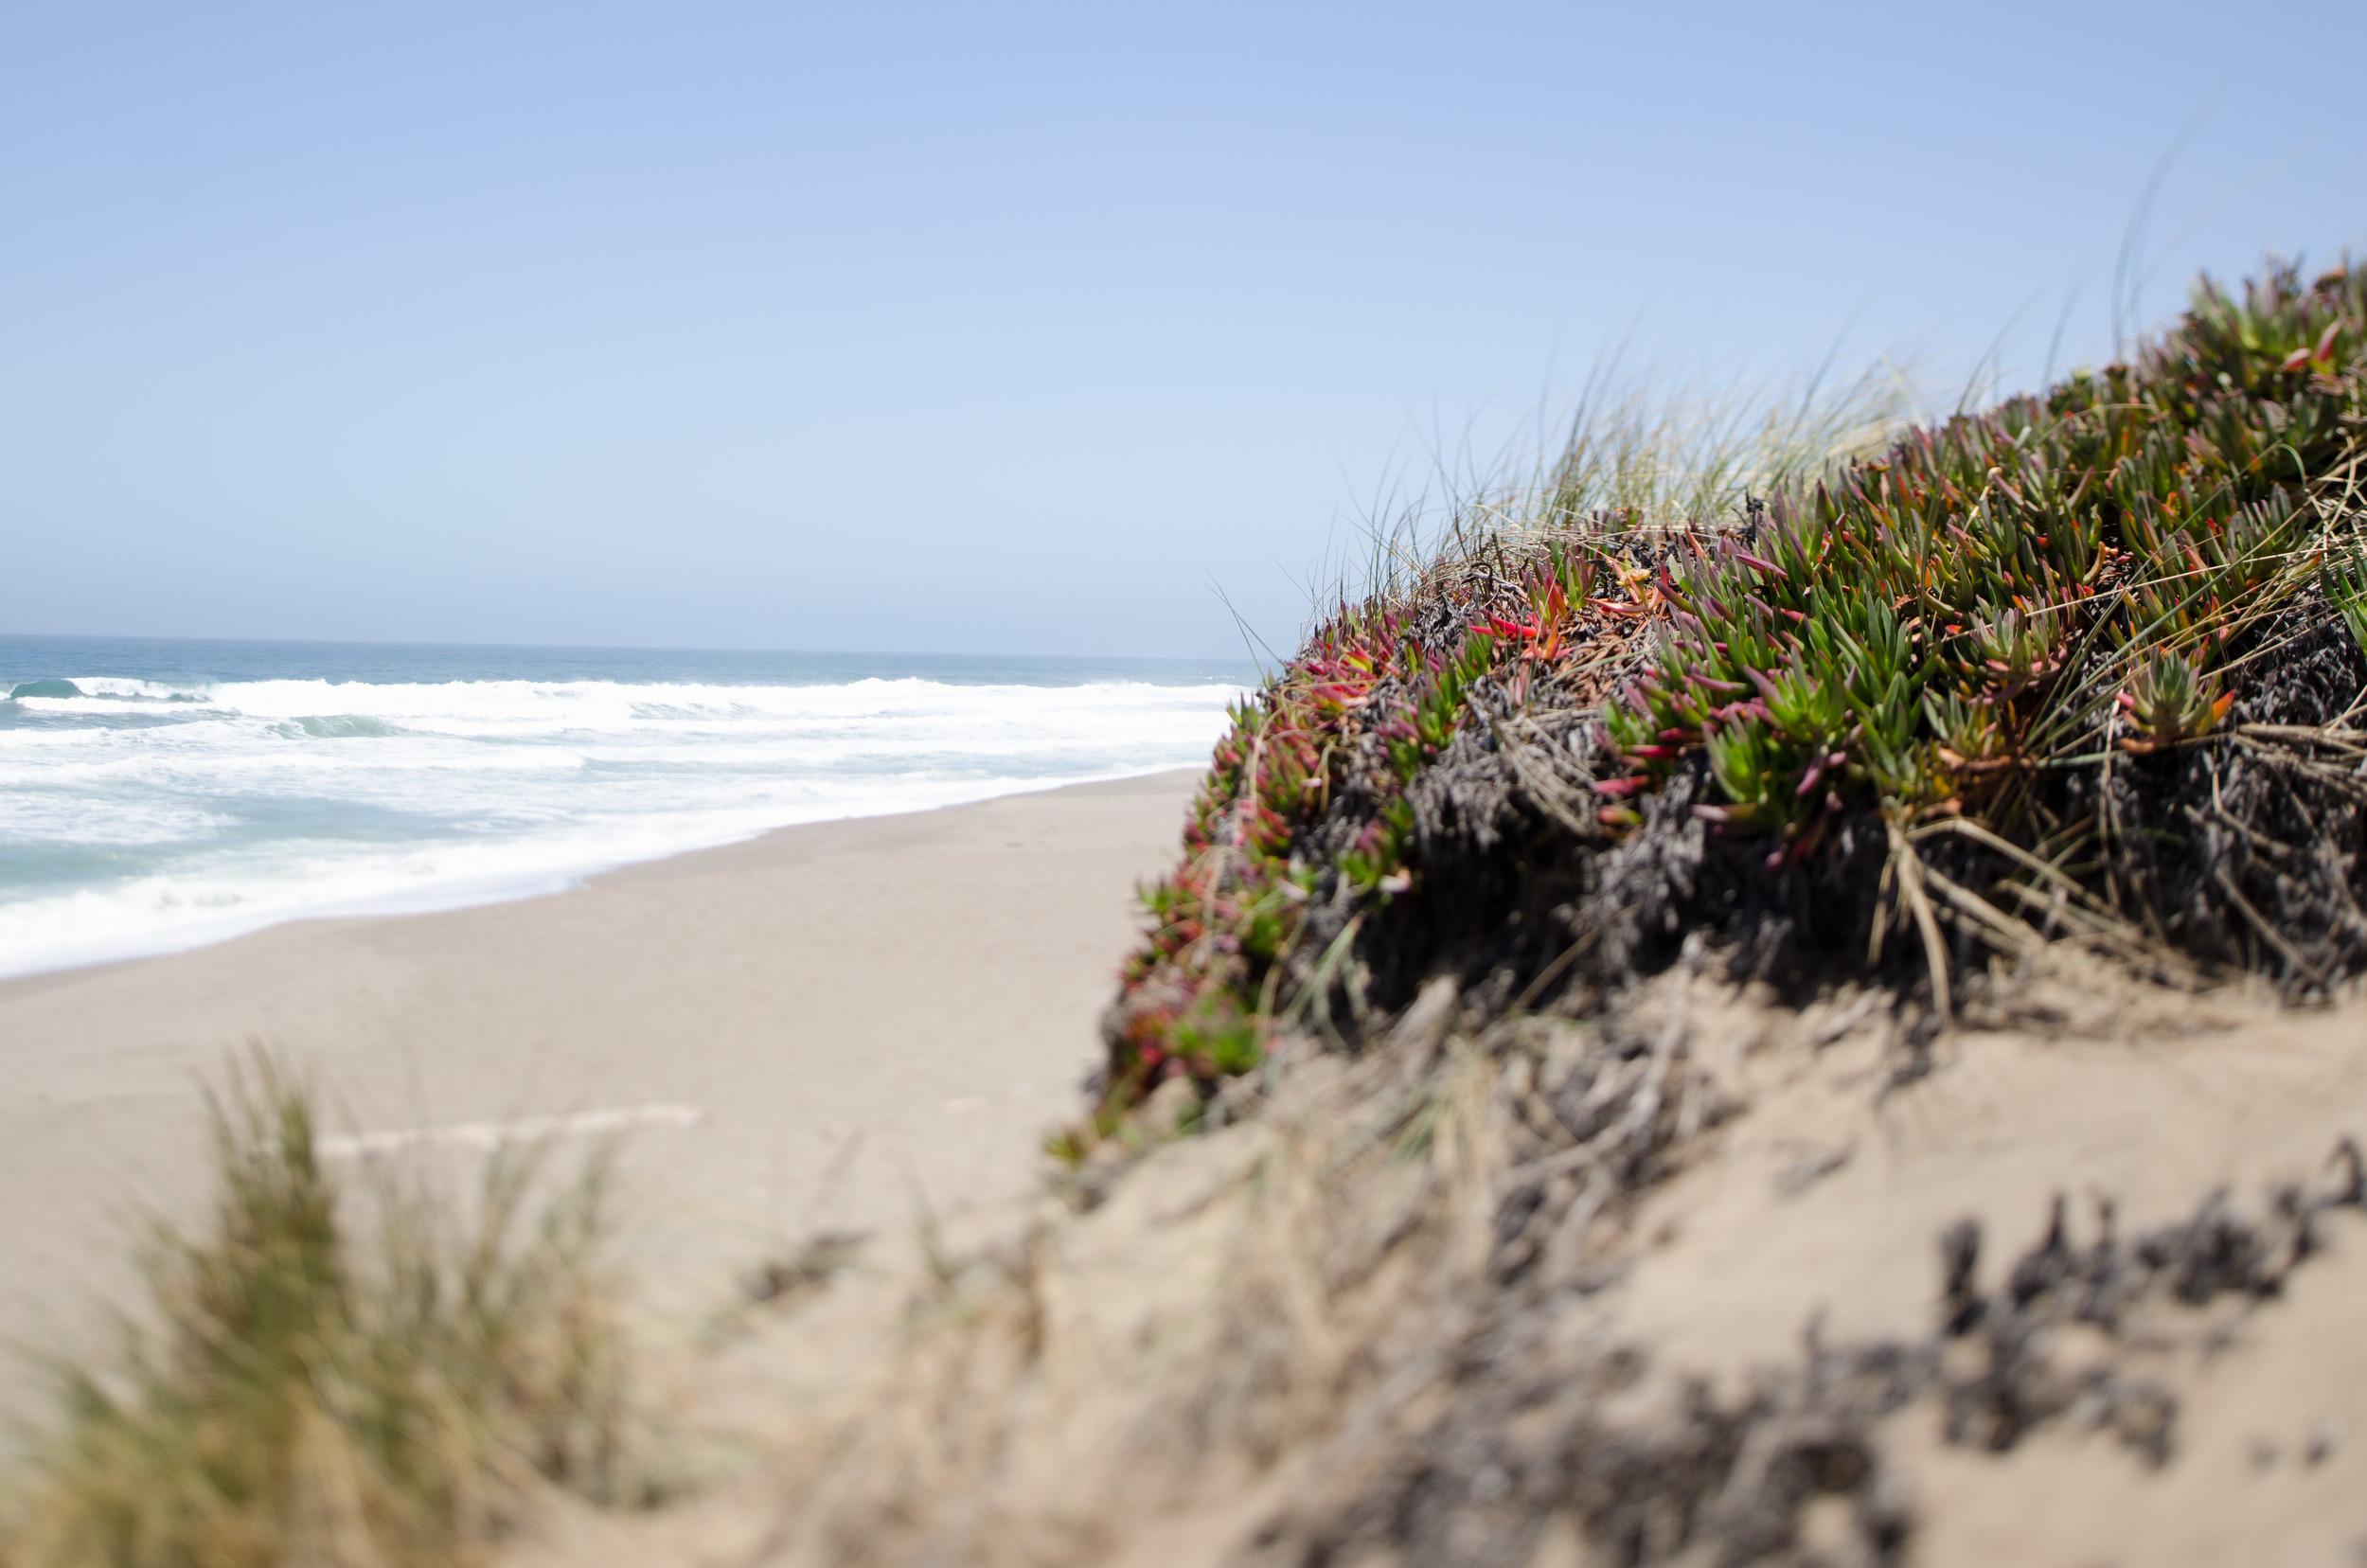 Cali_2014-41.jpg